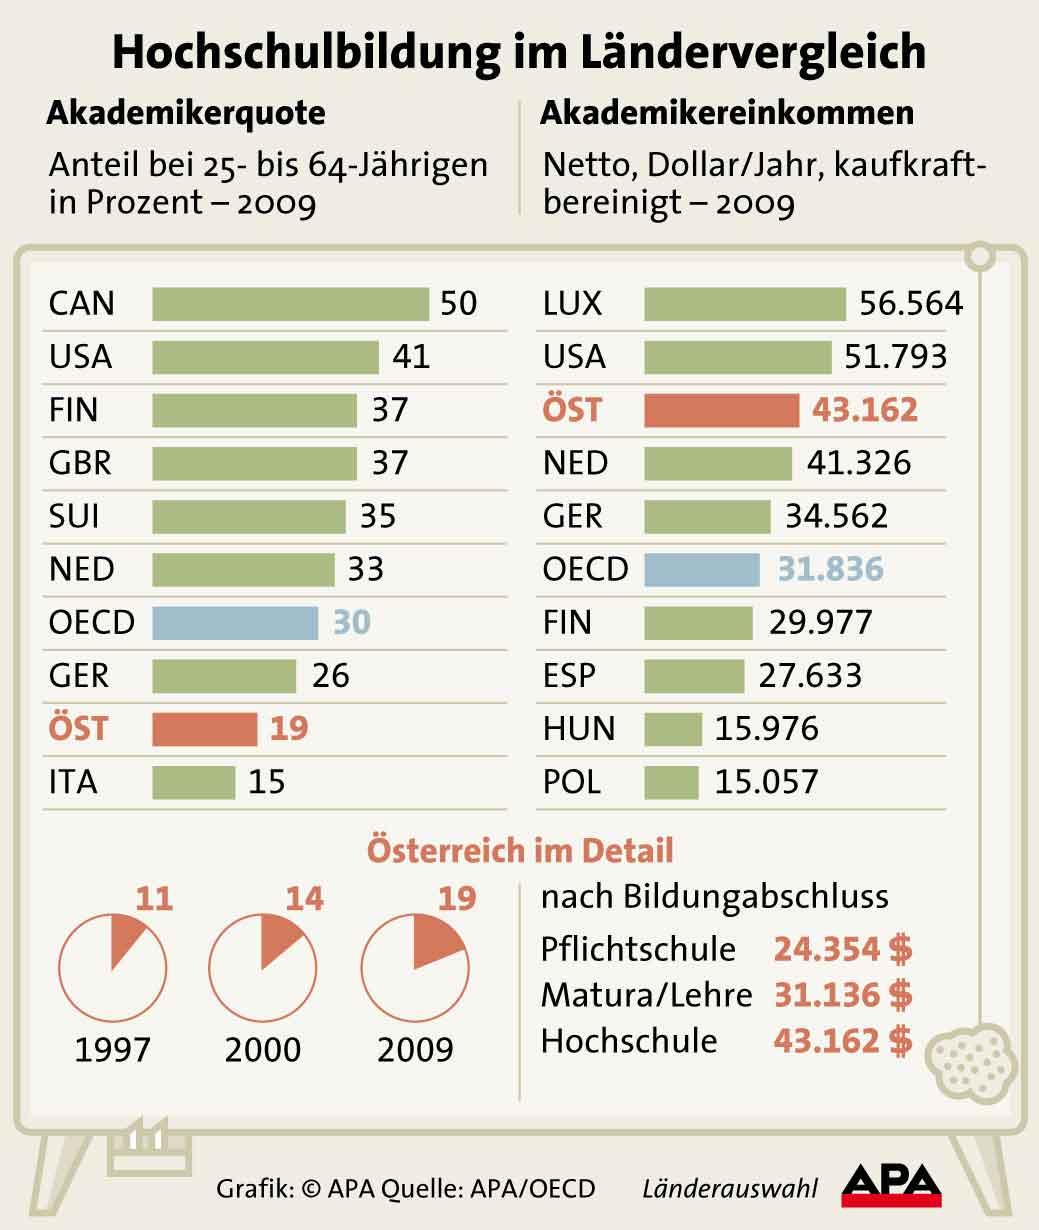 Hochschulbildung im Ländervergleich